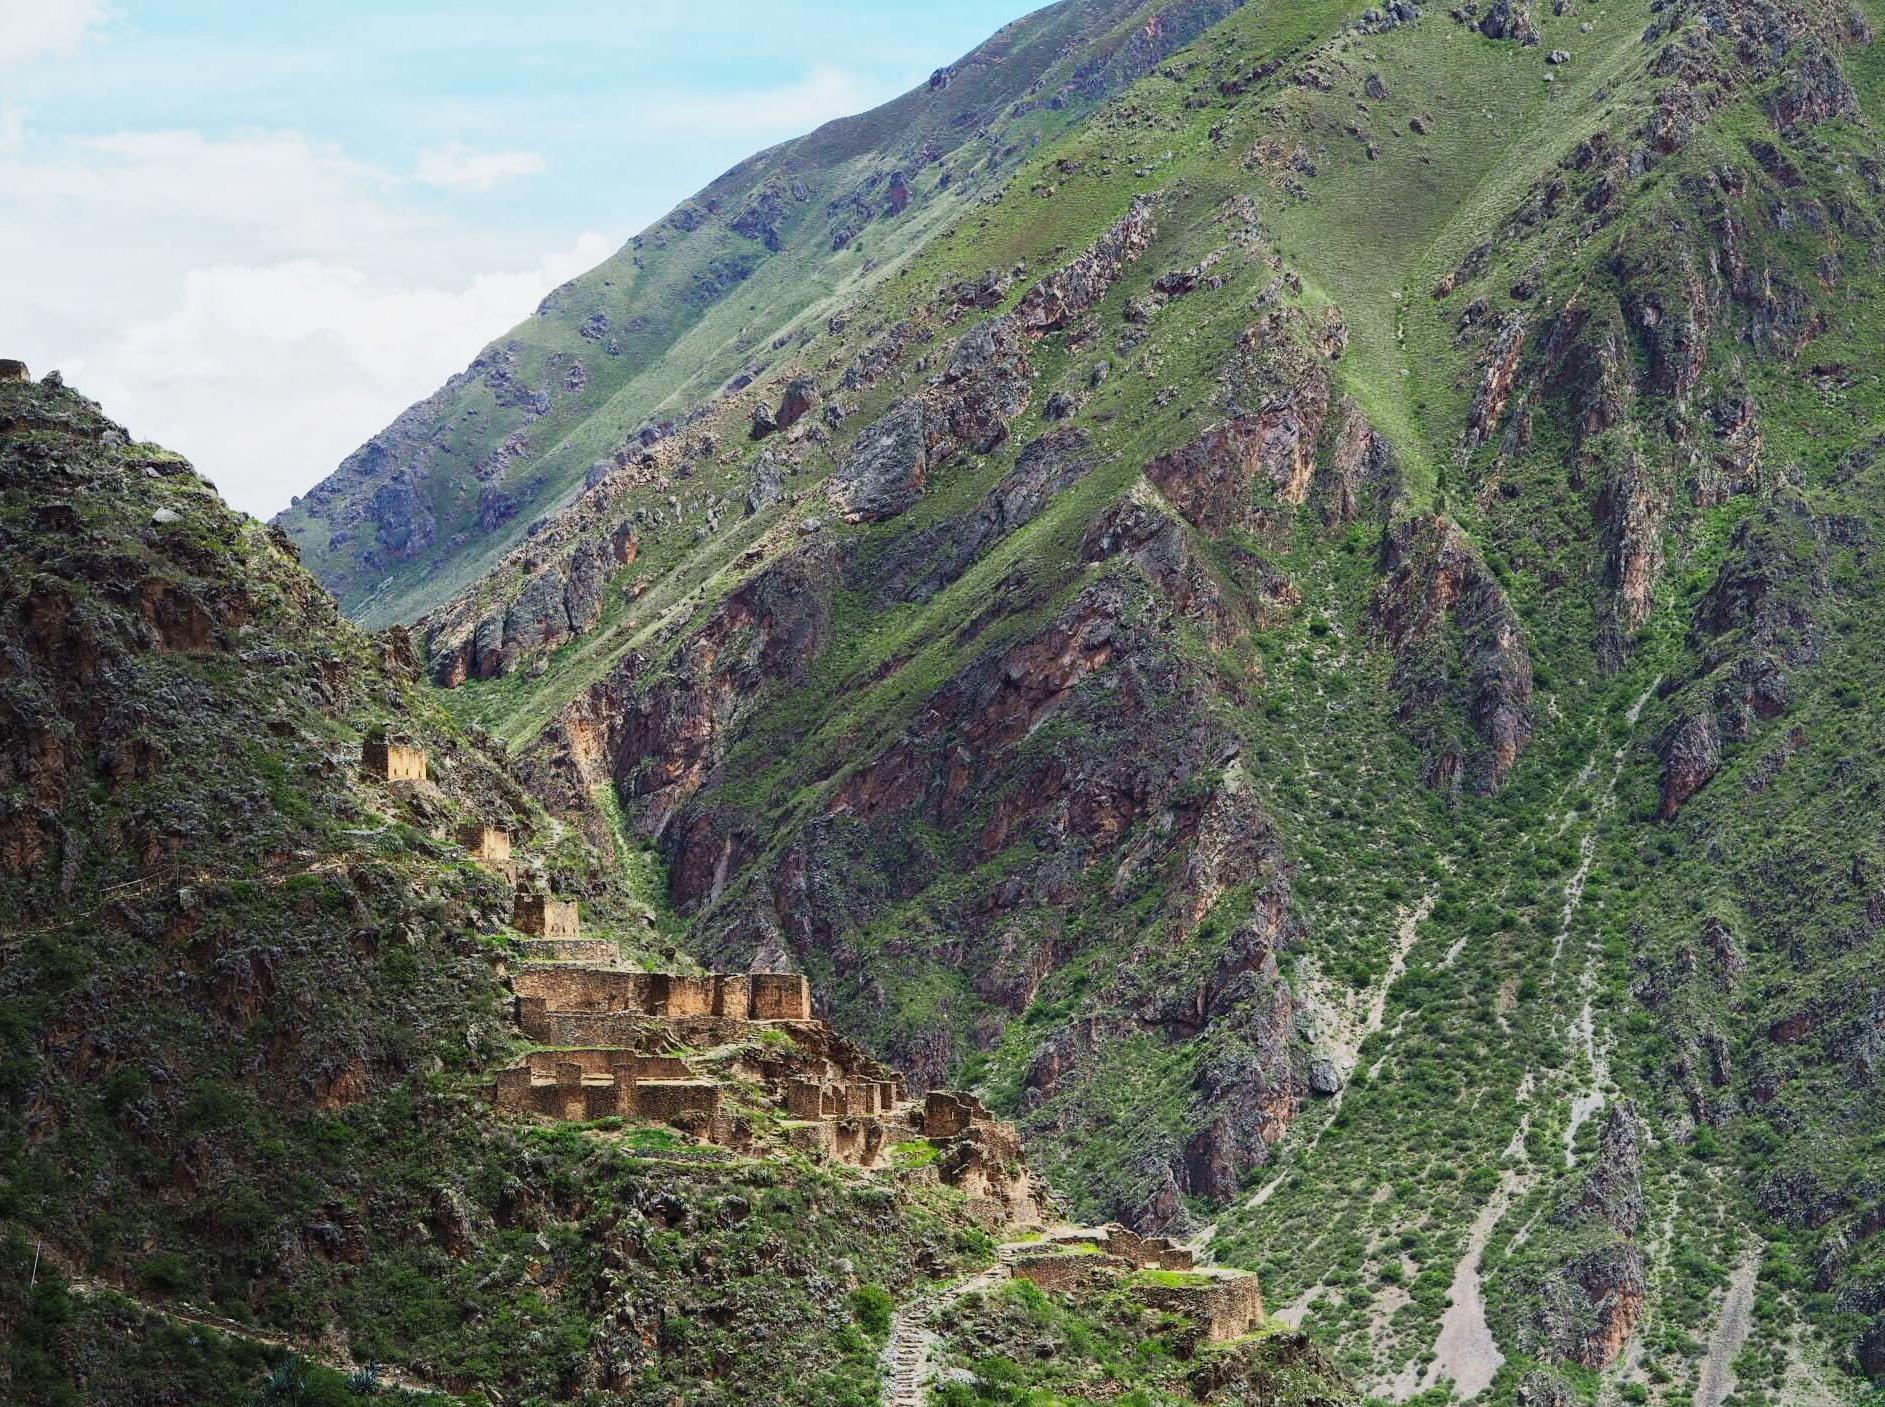 Peru - January 2018